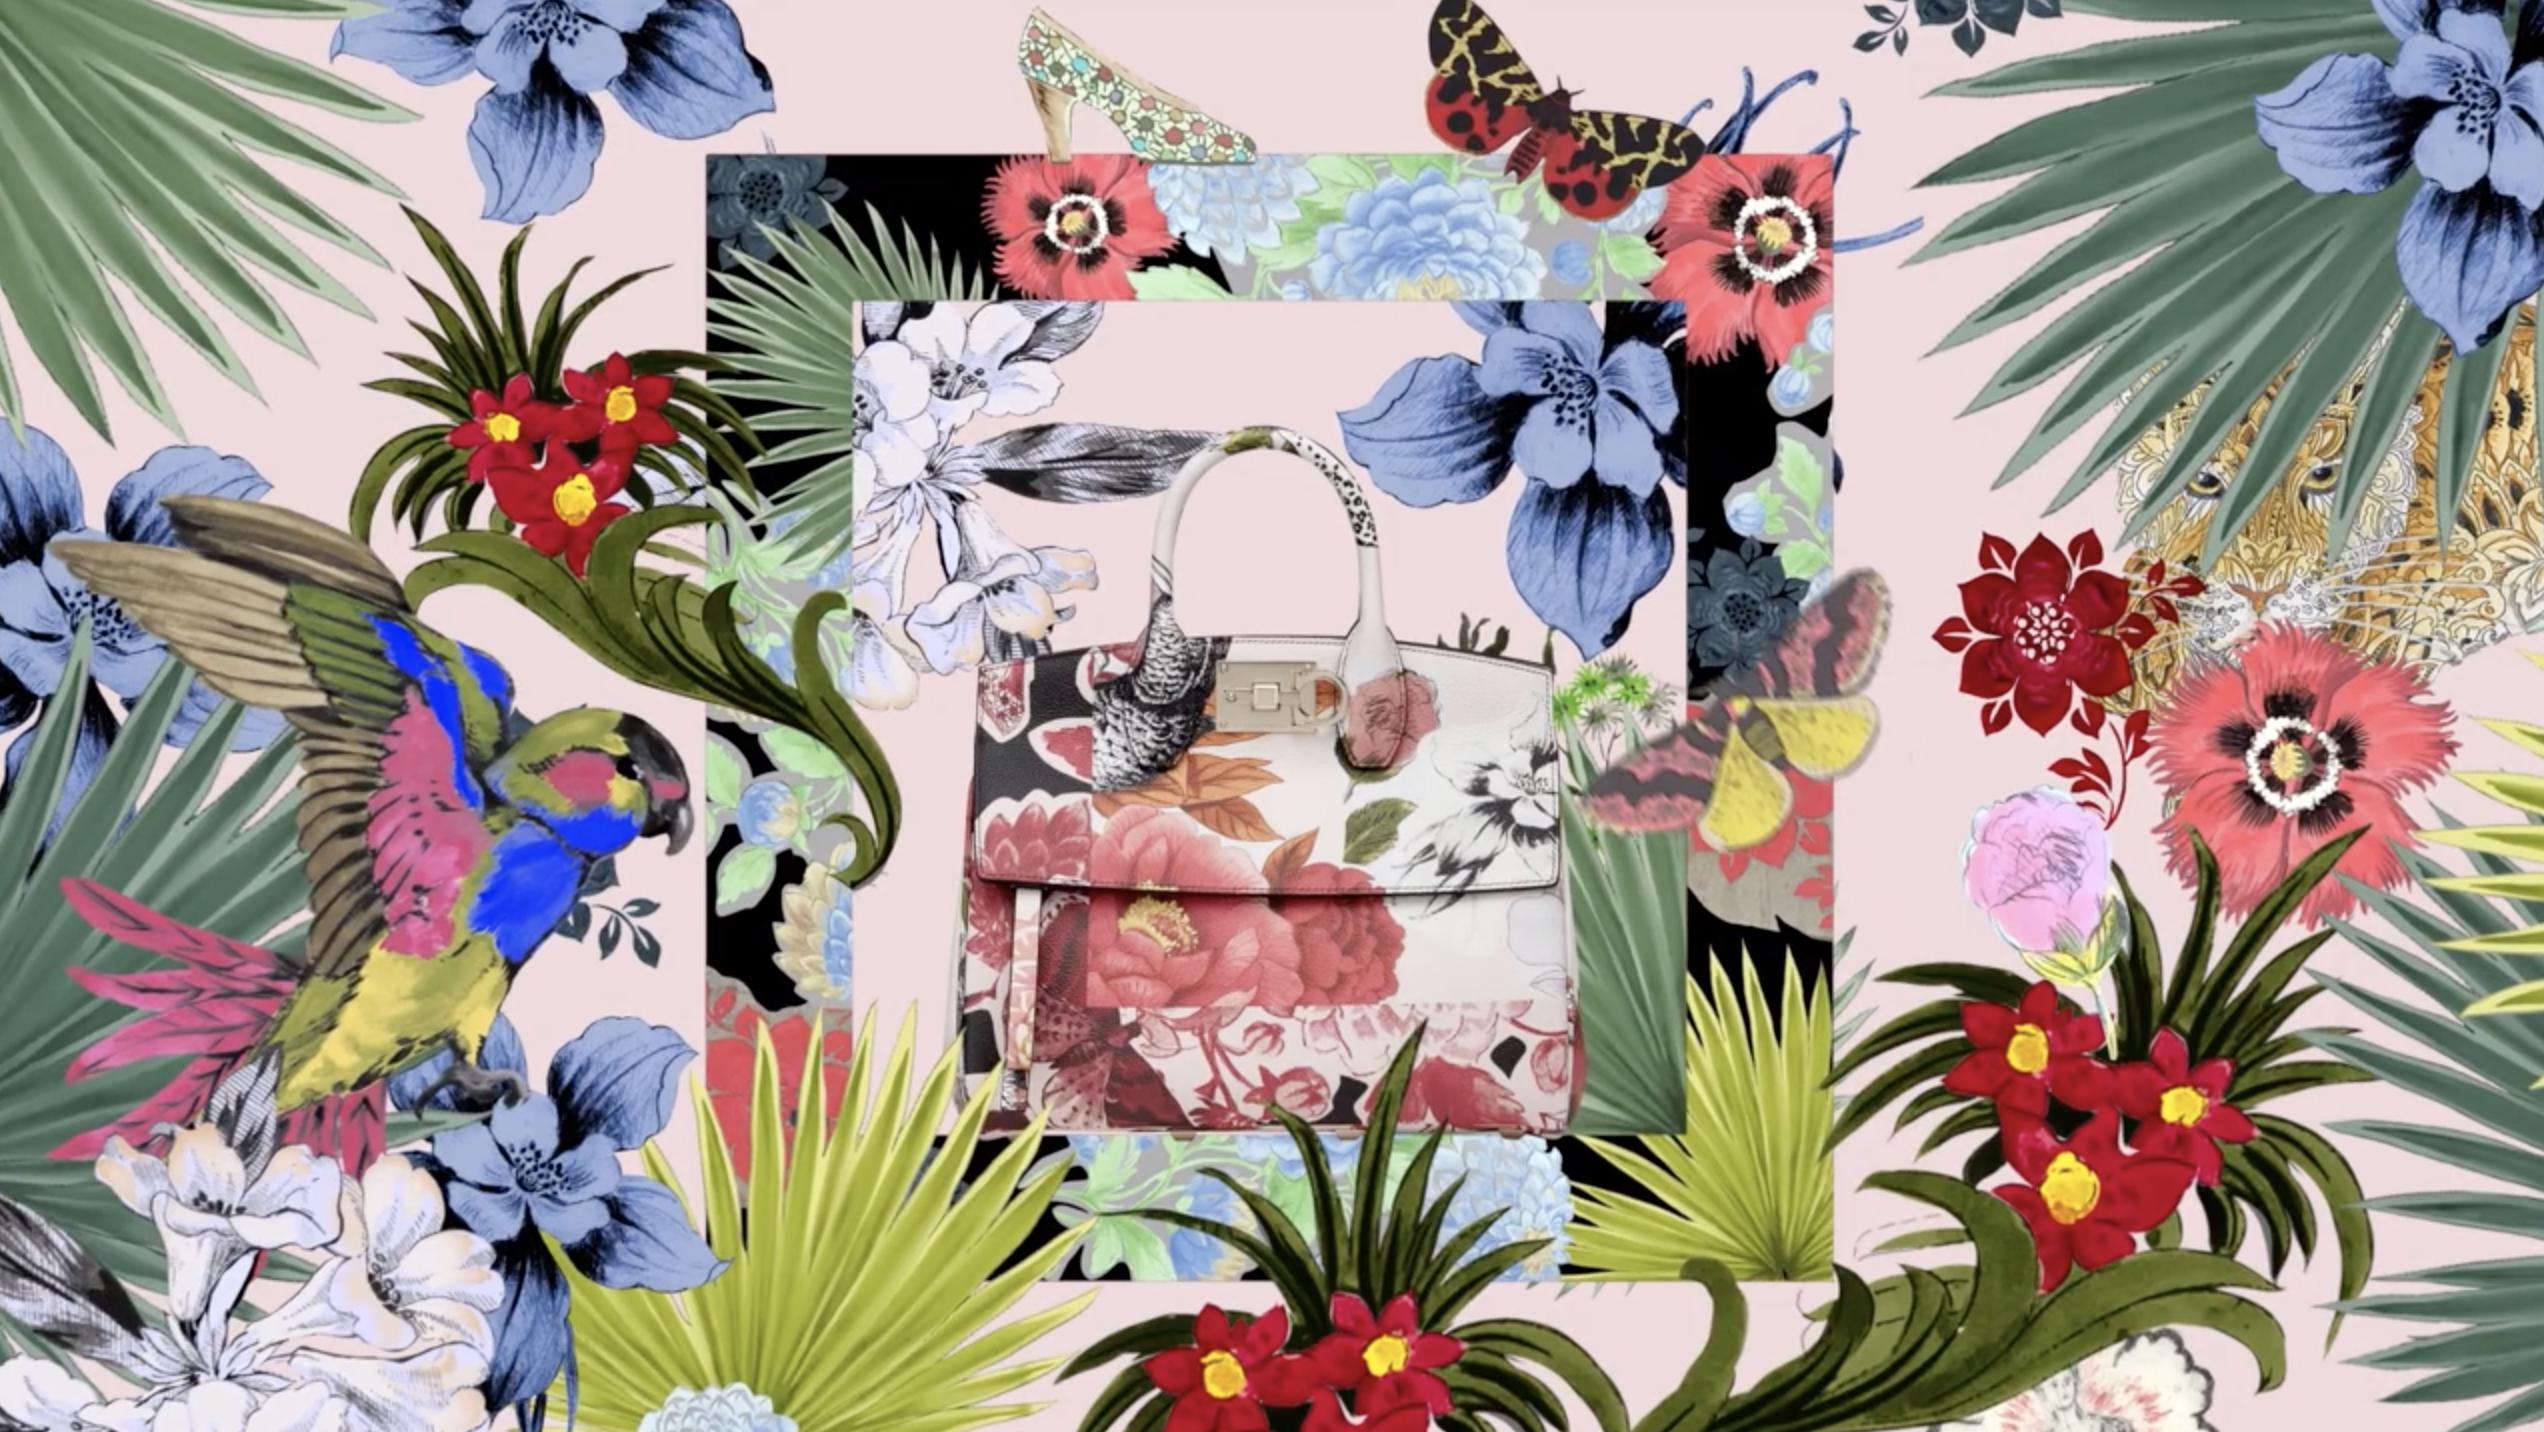 Salvatore Ferragamo 'Magic of Print' Spring 2020 Ad Campaign Photos